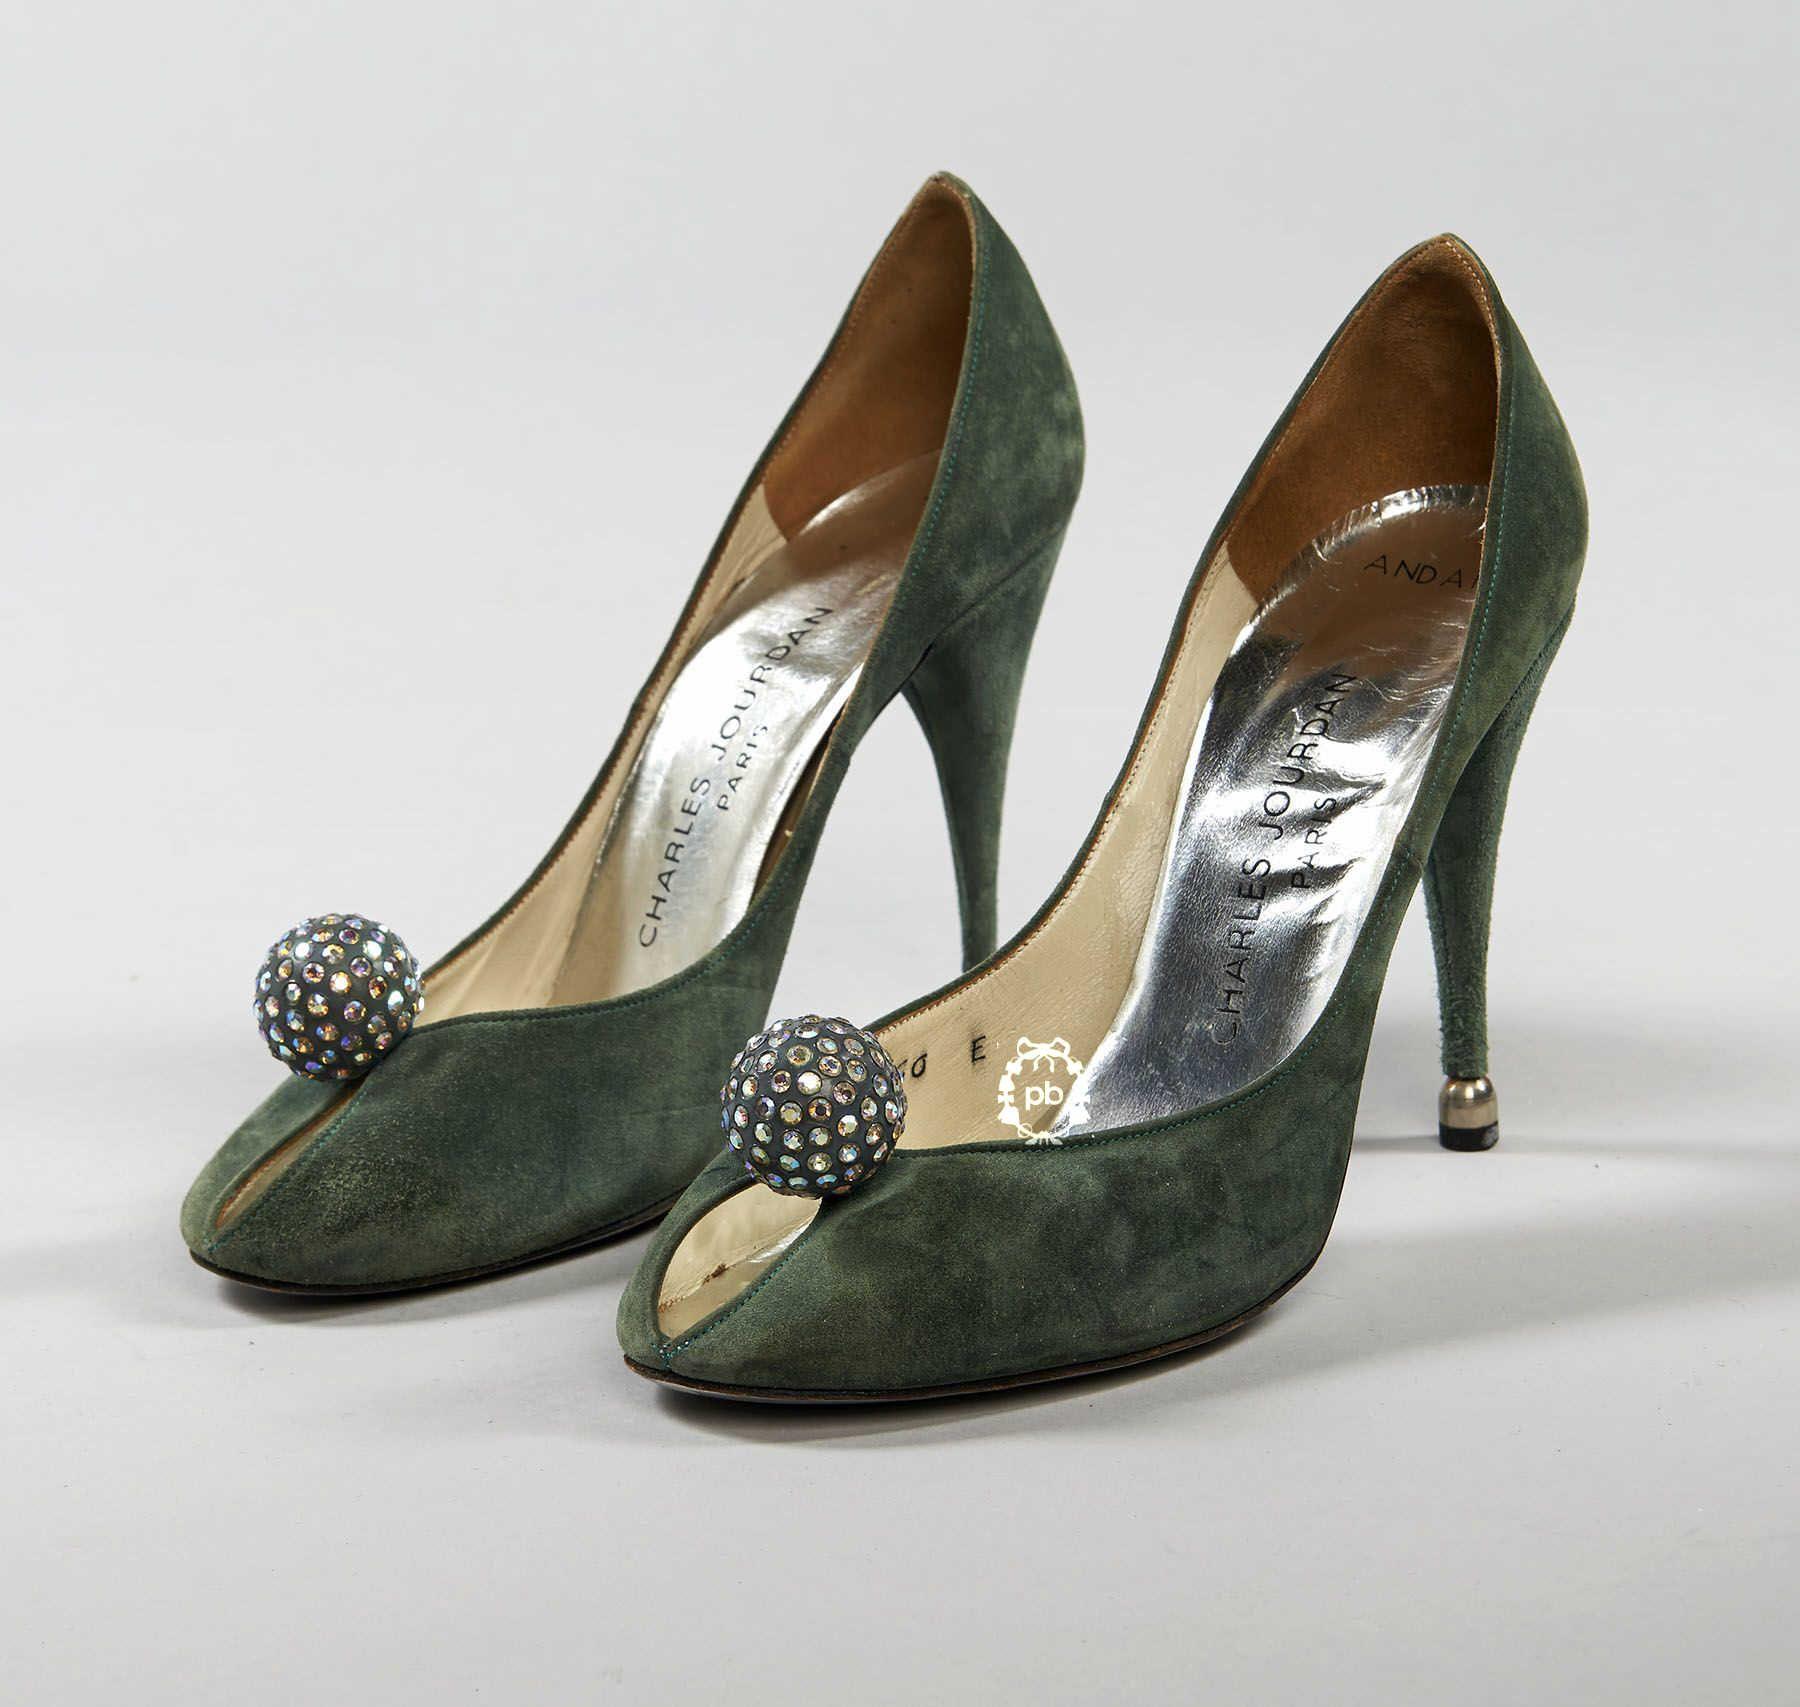 Charles Jourdan c, 1970/71 'Escarpins du soir en daim jade, bouts